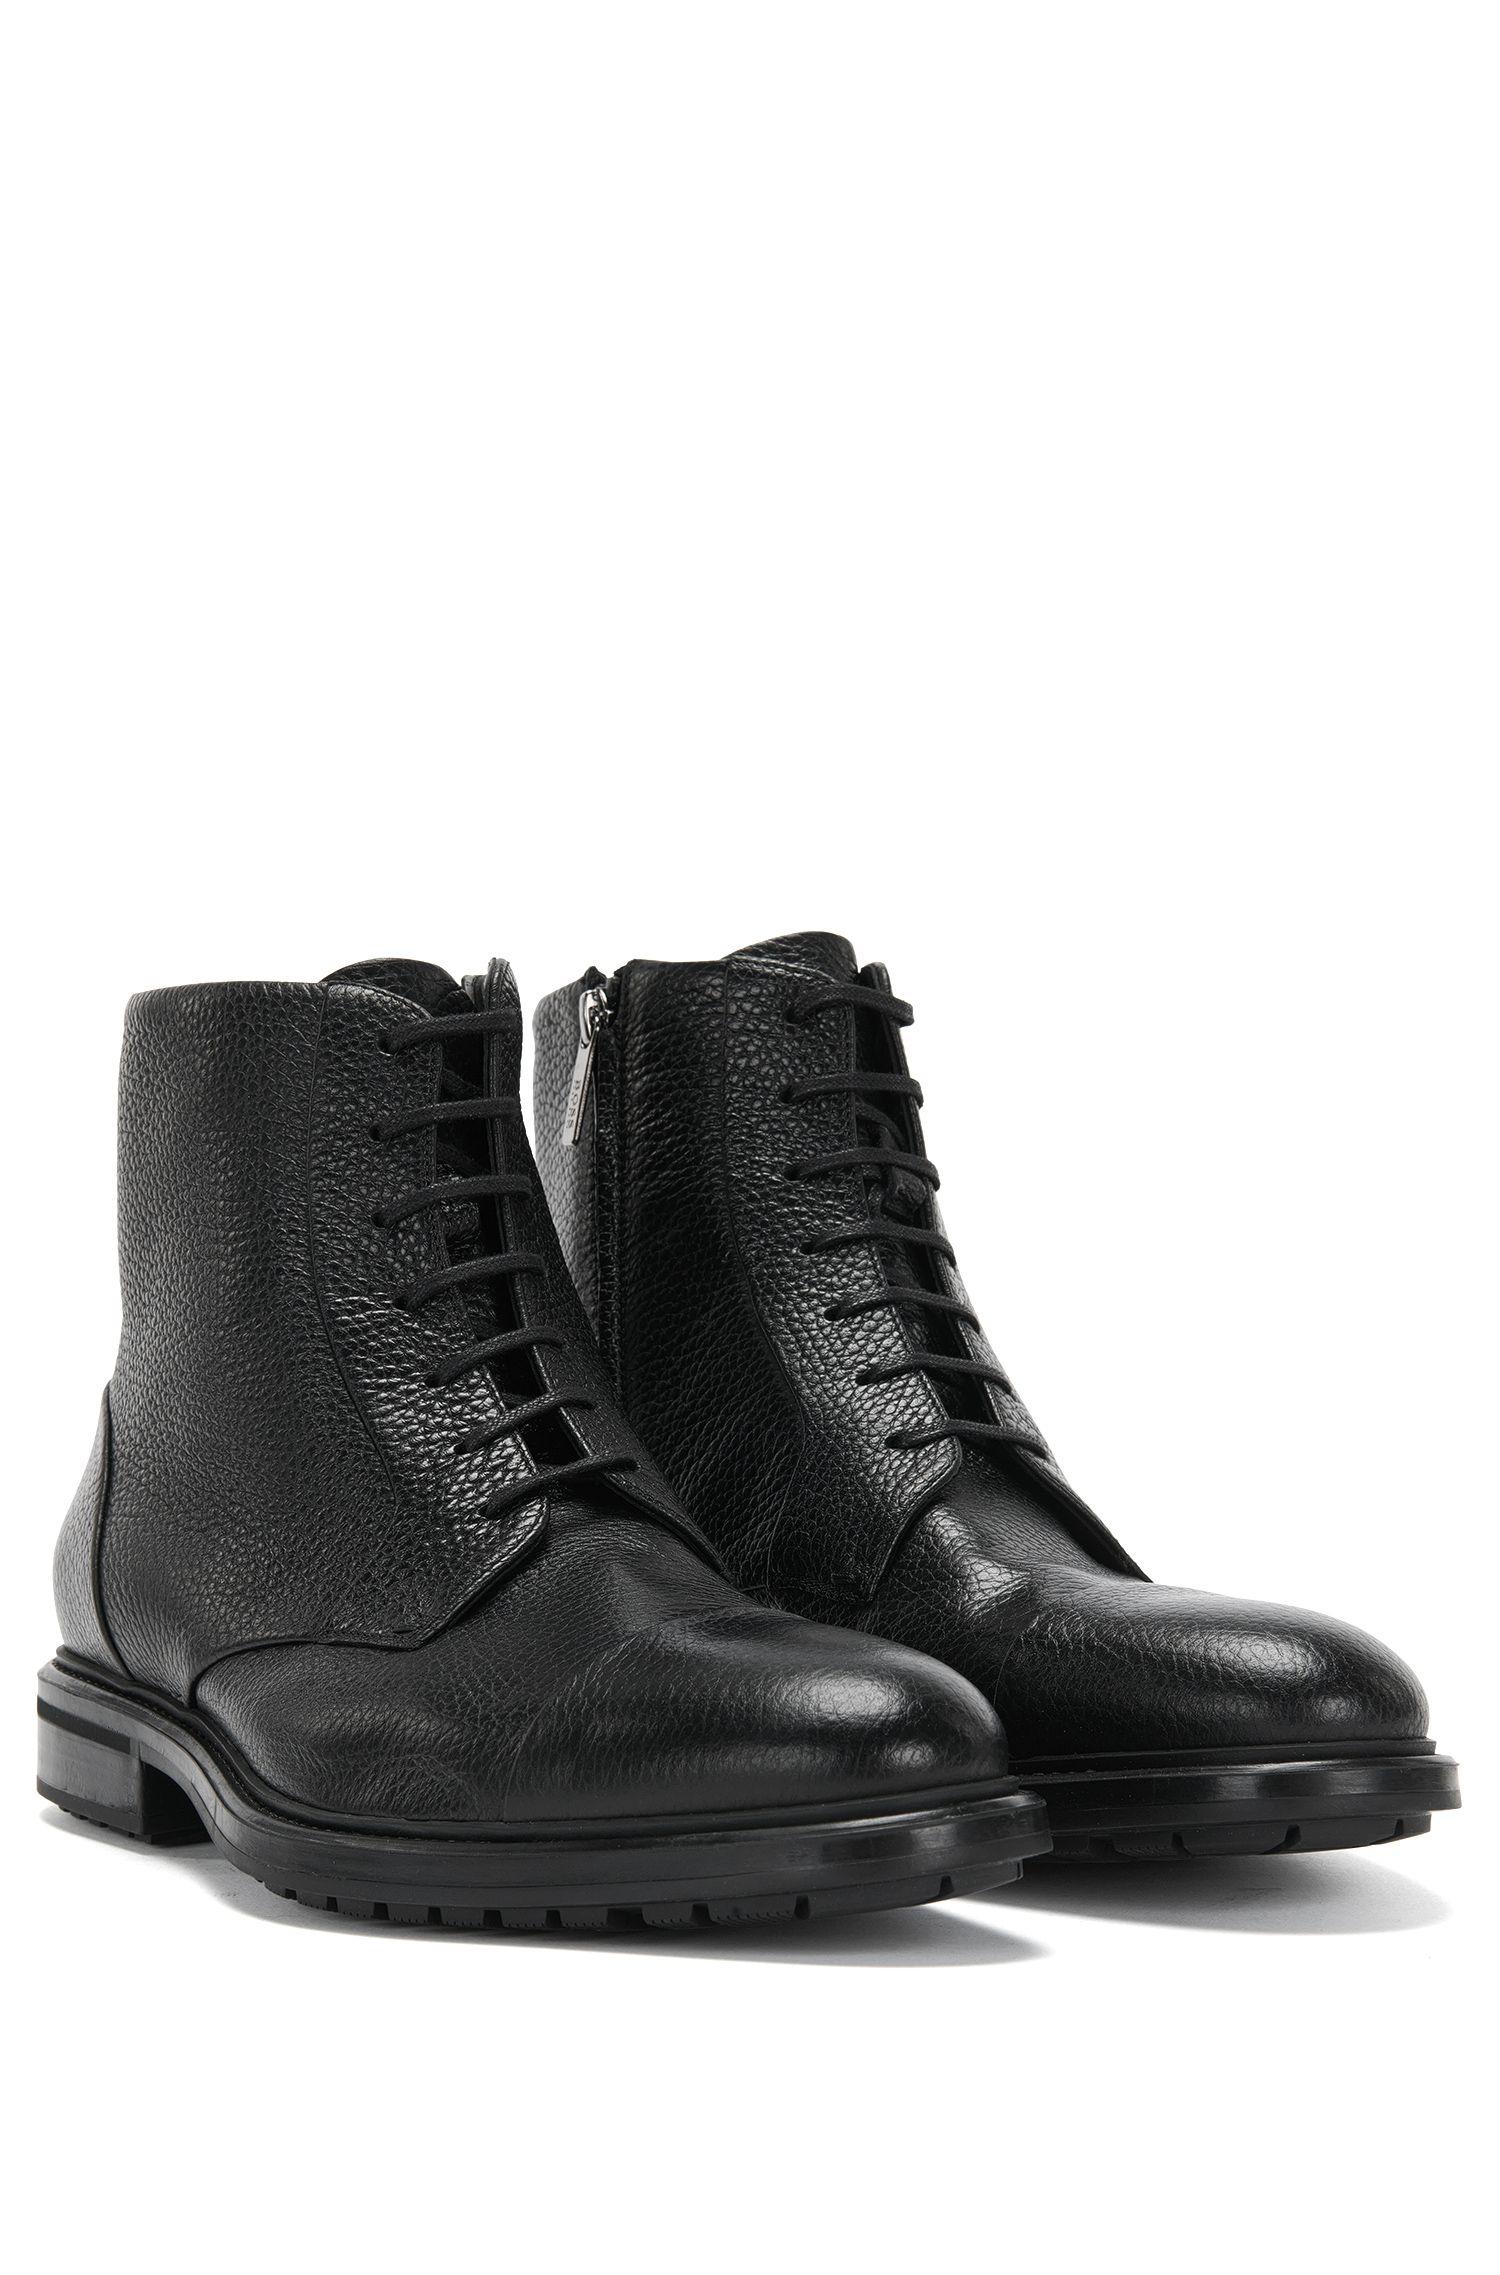 Halbhohe Stiefel aus Leder mit warmem Innenfutter: 'Warsaw_Halb_grct'